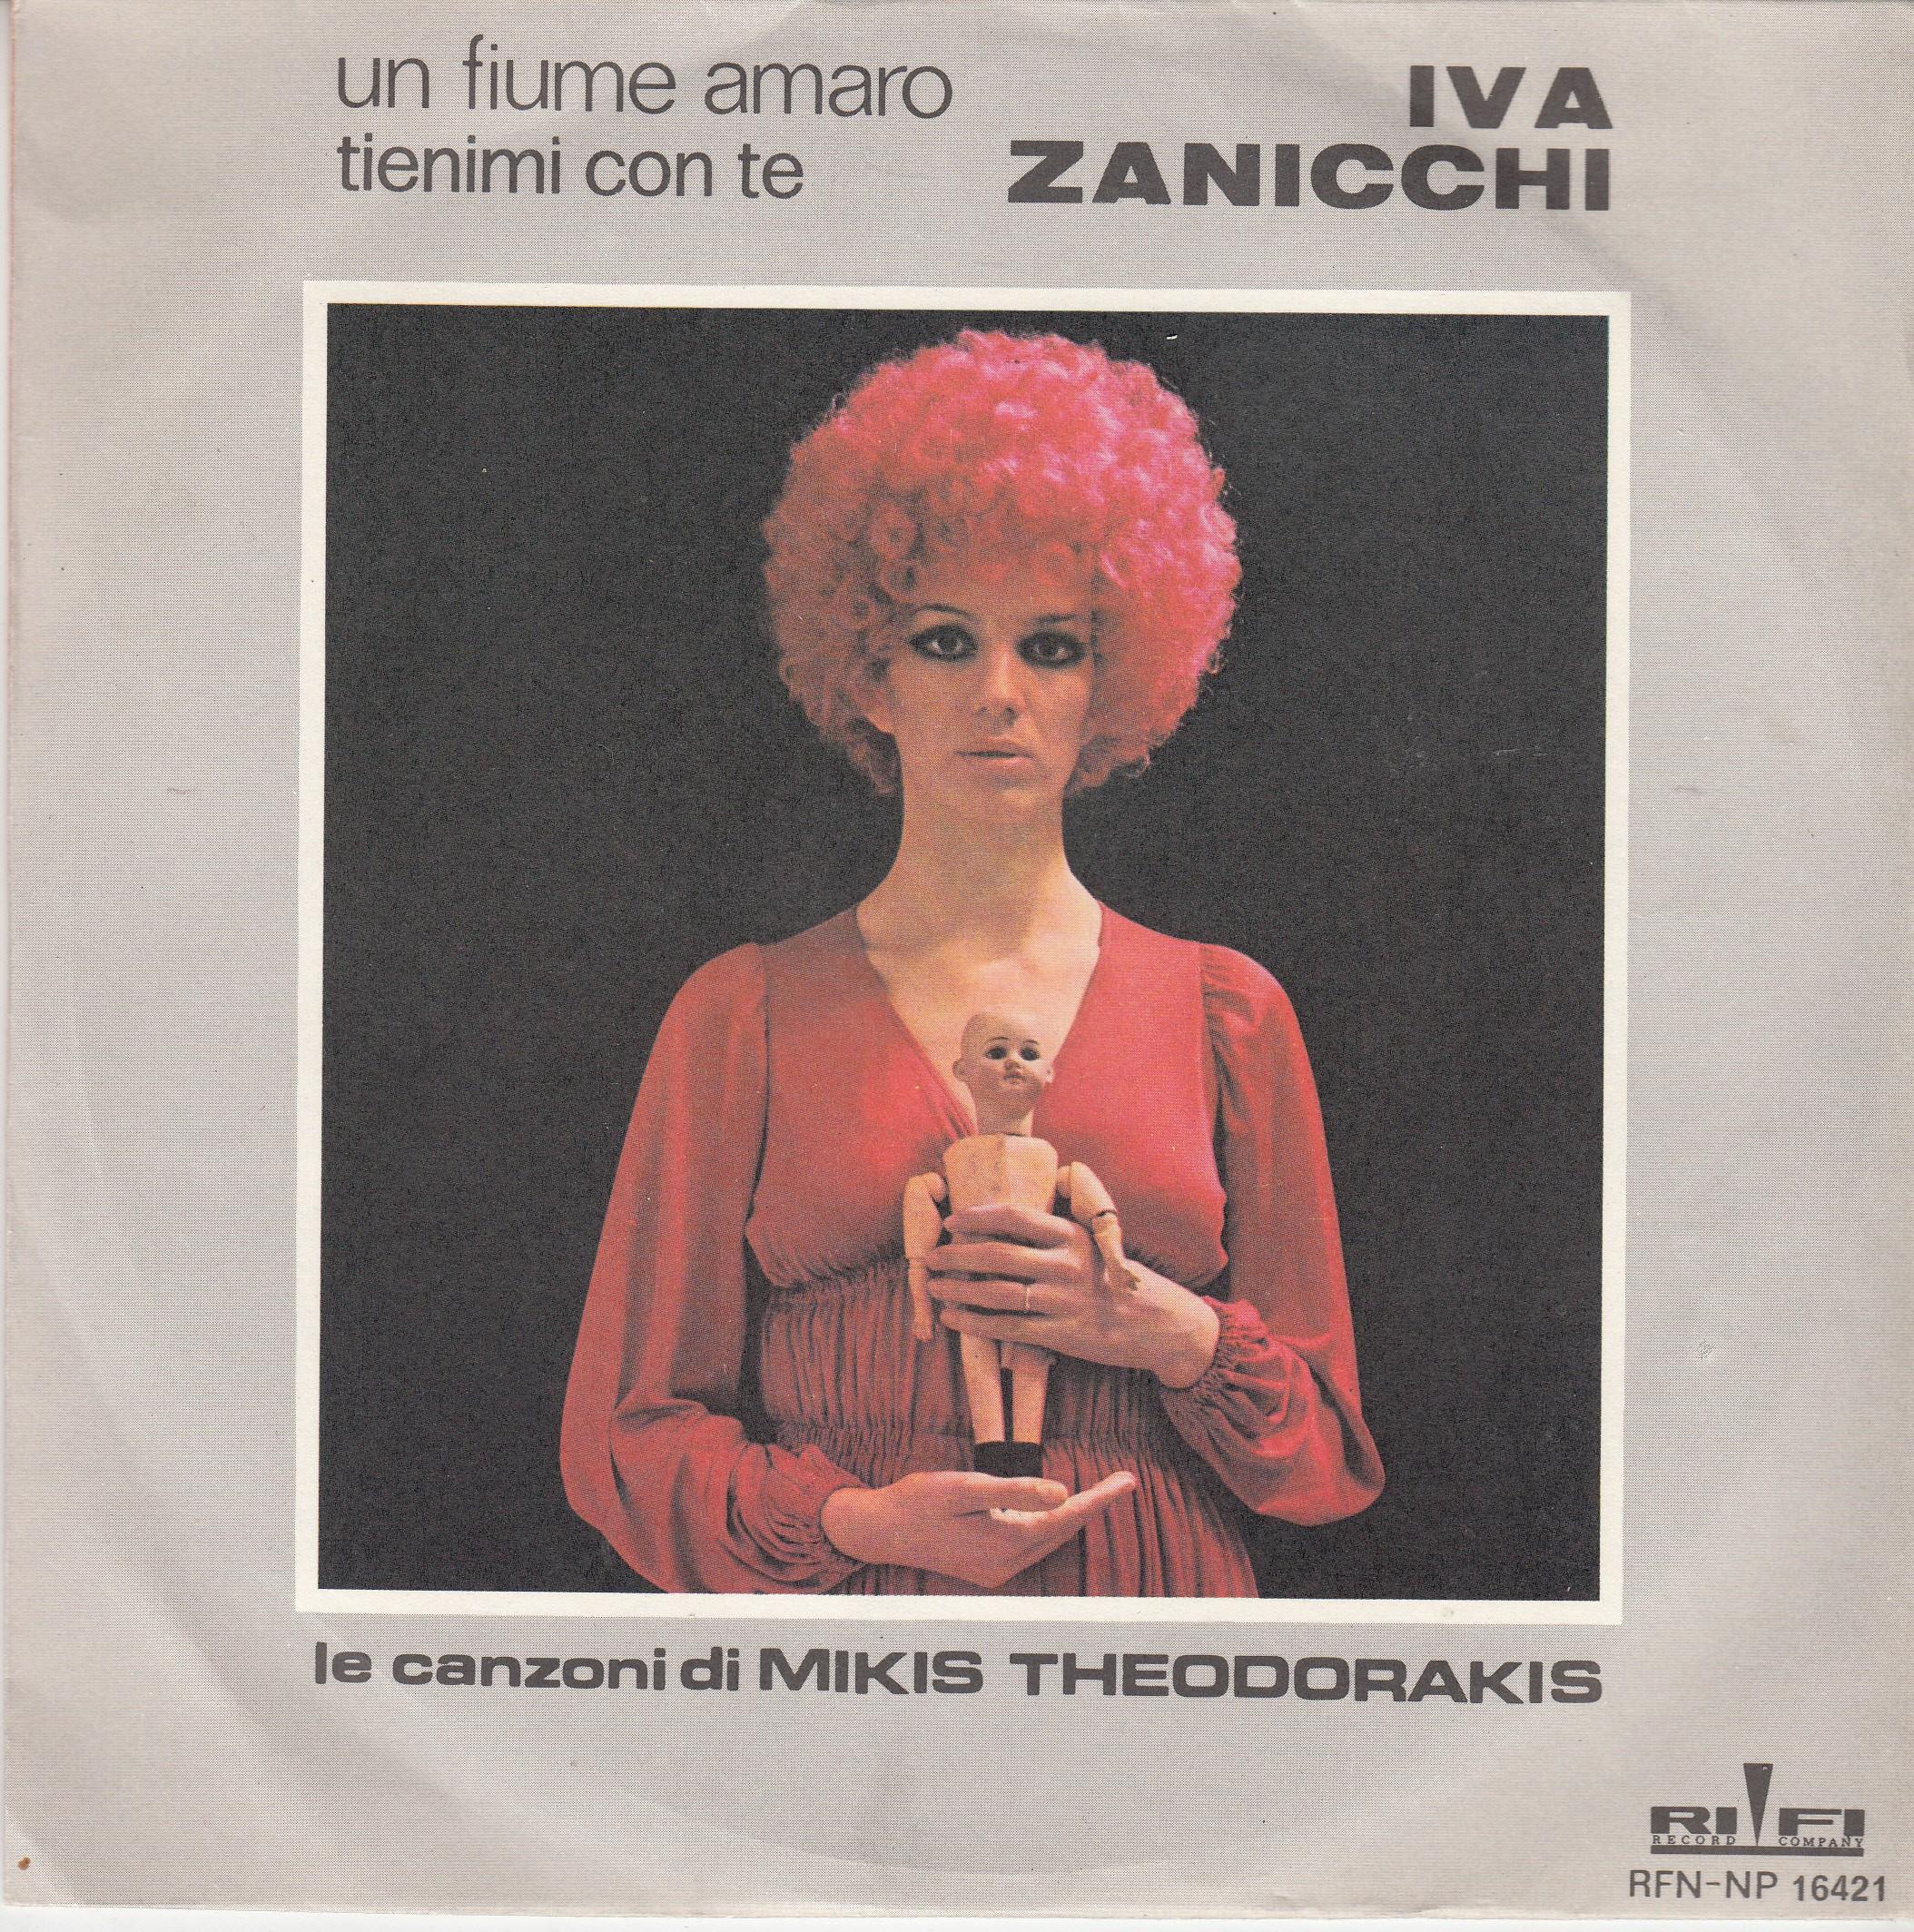 Zanicchi Iva - Tienimi Con Te/un Fiume Amaro